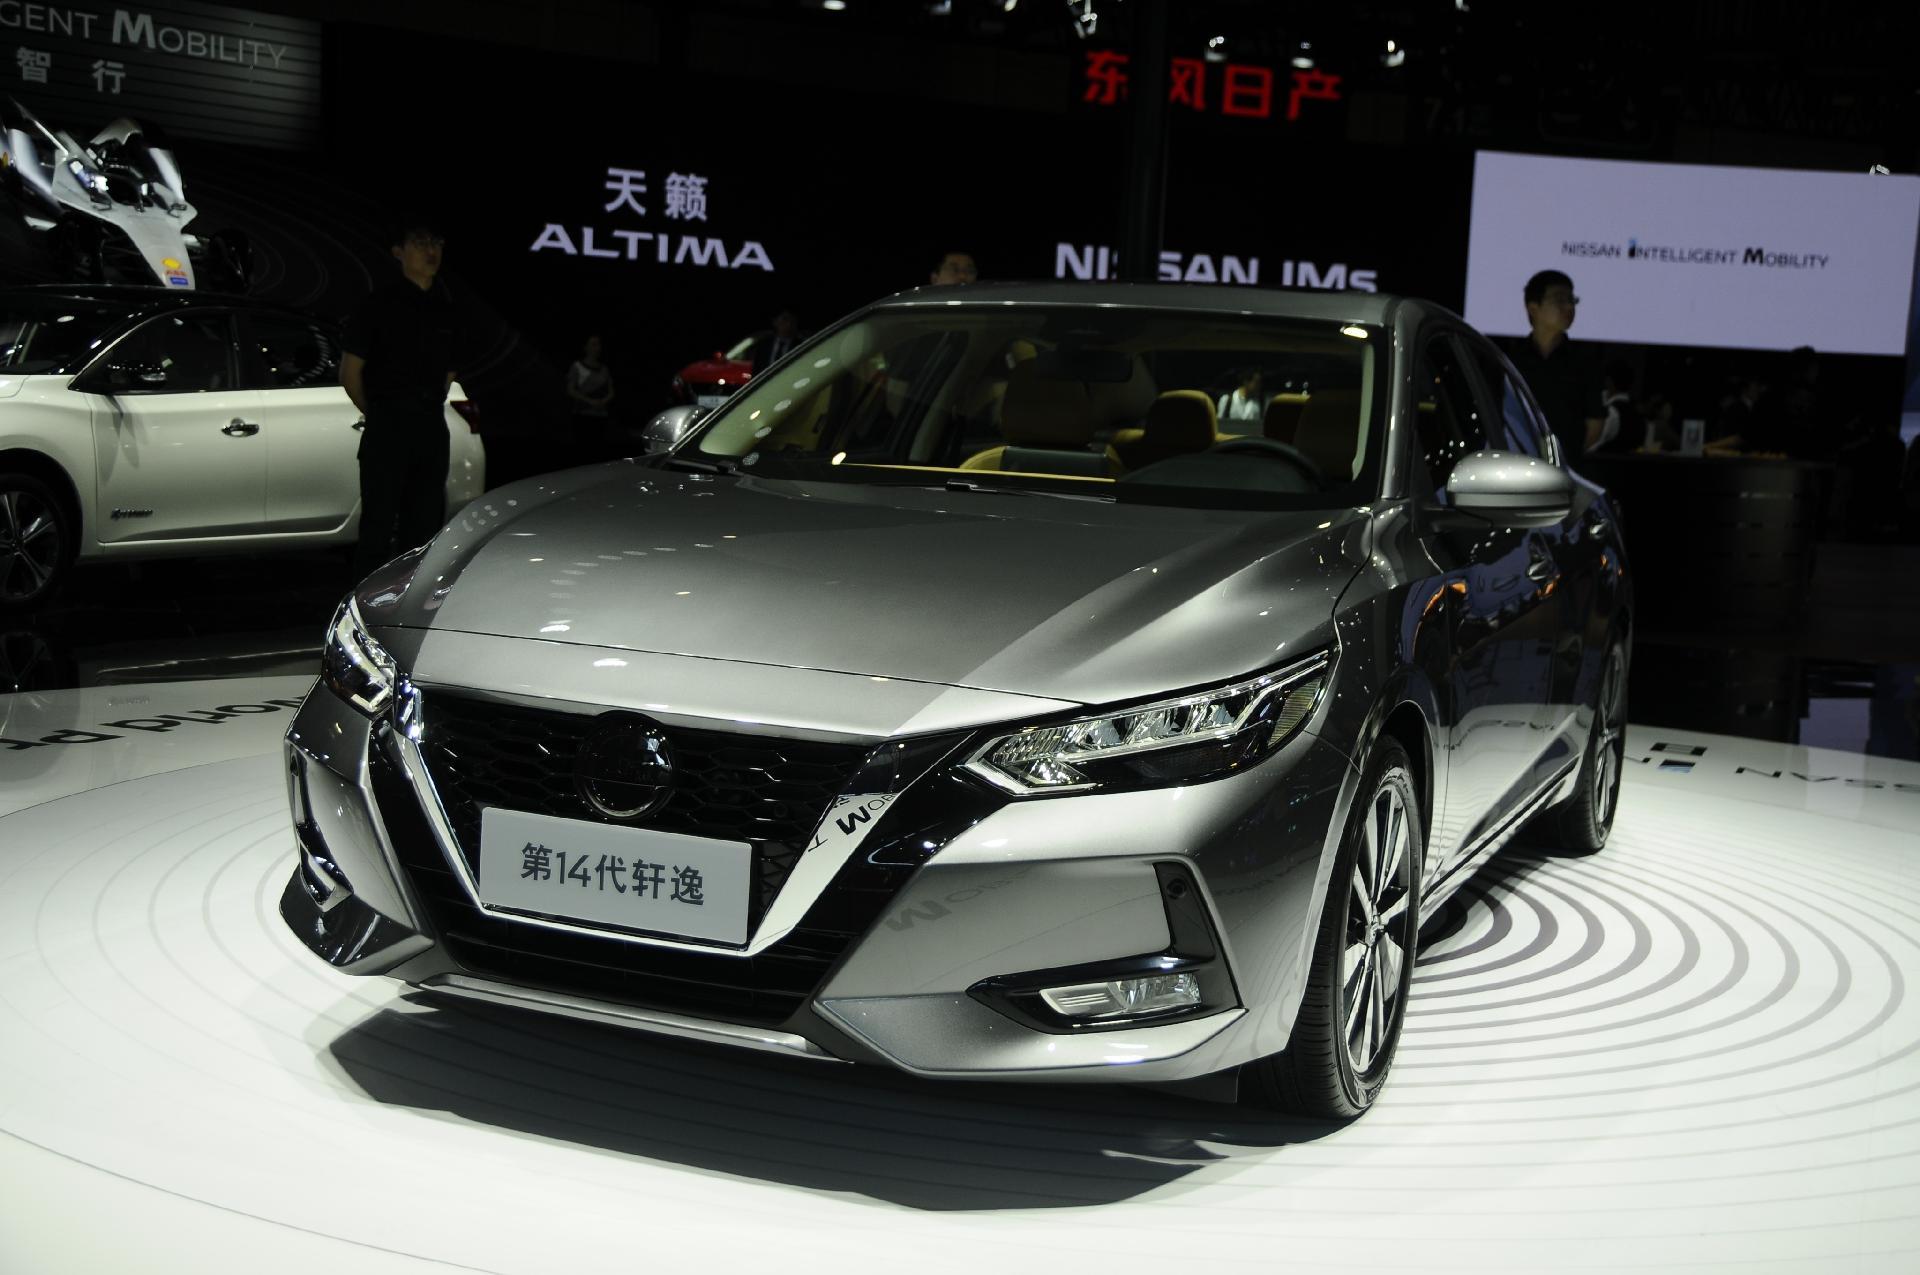 Novo Nissan Sentra é revelado no Salão de Xangai